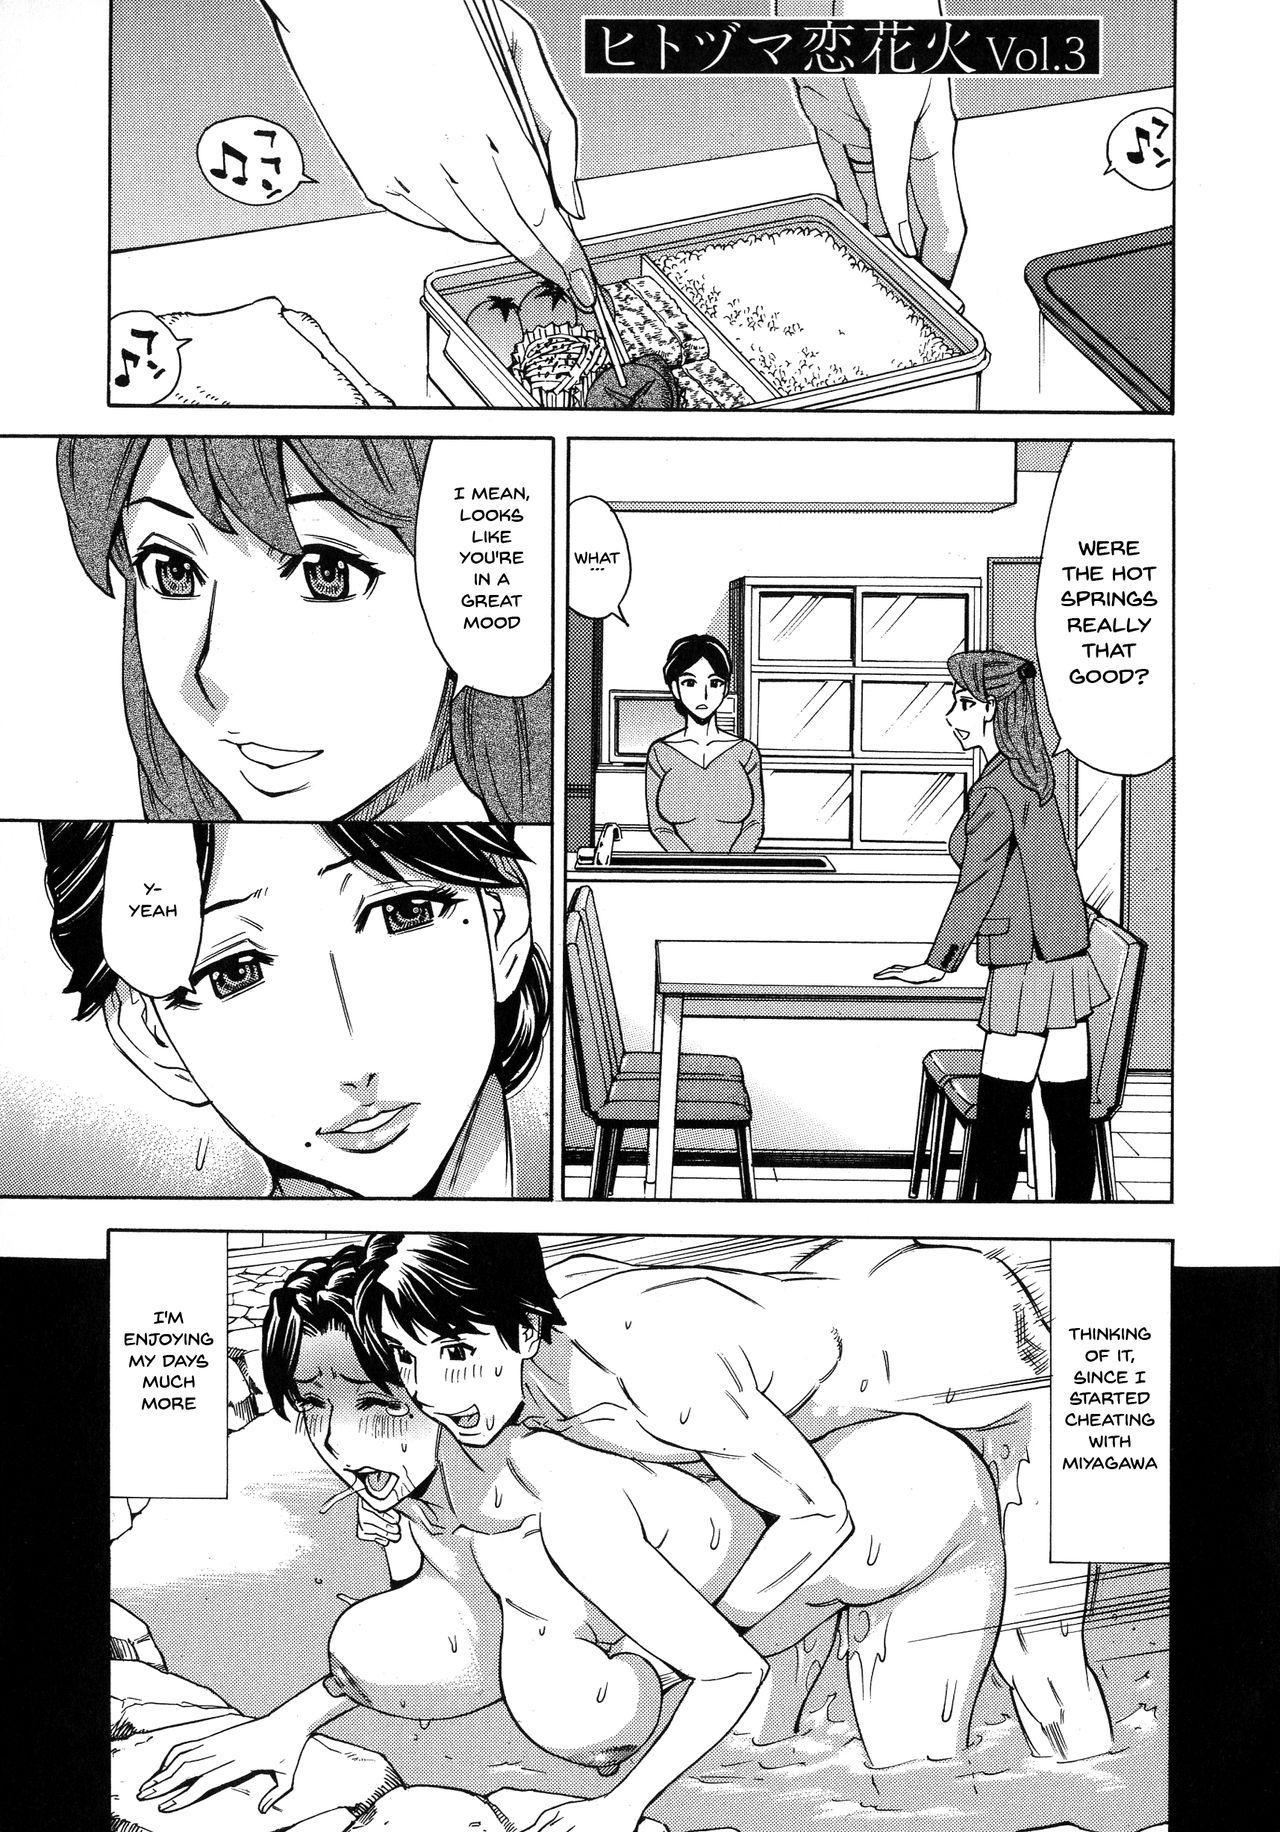 [Makibe Kataru] Hitozuma Koi Hanabi ~Hajimete no Furin ga 3P ni Itaru made~ Ch.1-9 [English] {Doujins.com} 40